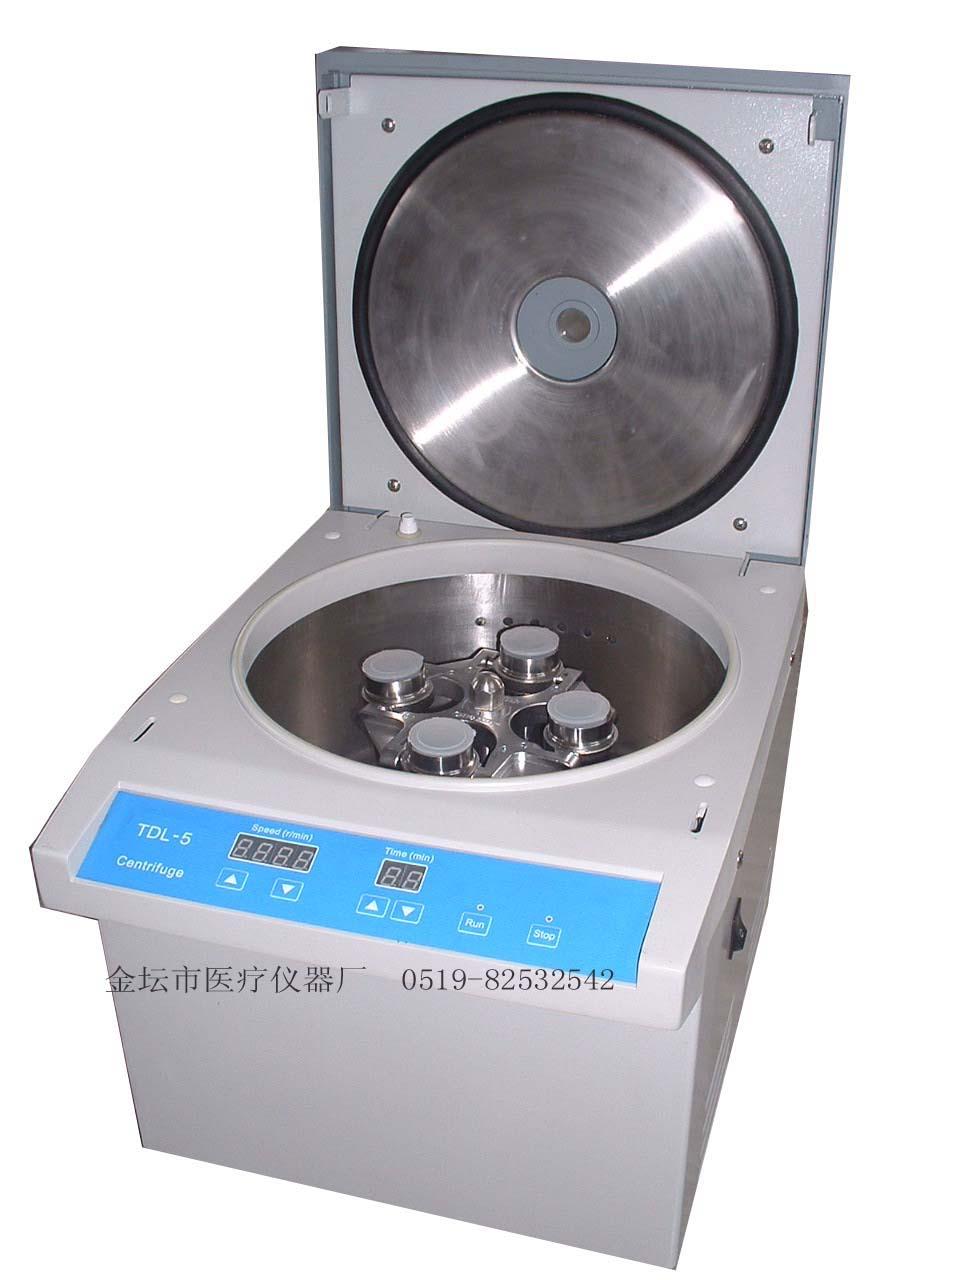 江苏金坛TDL-5台式大容量离心机